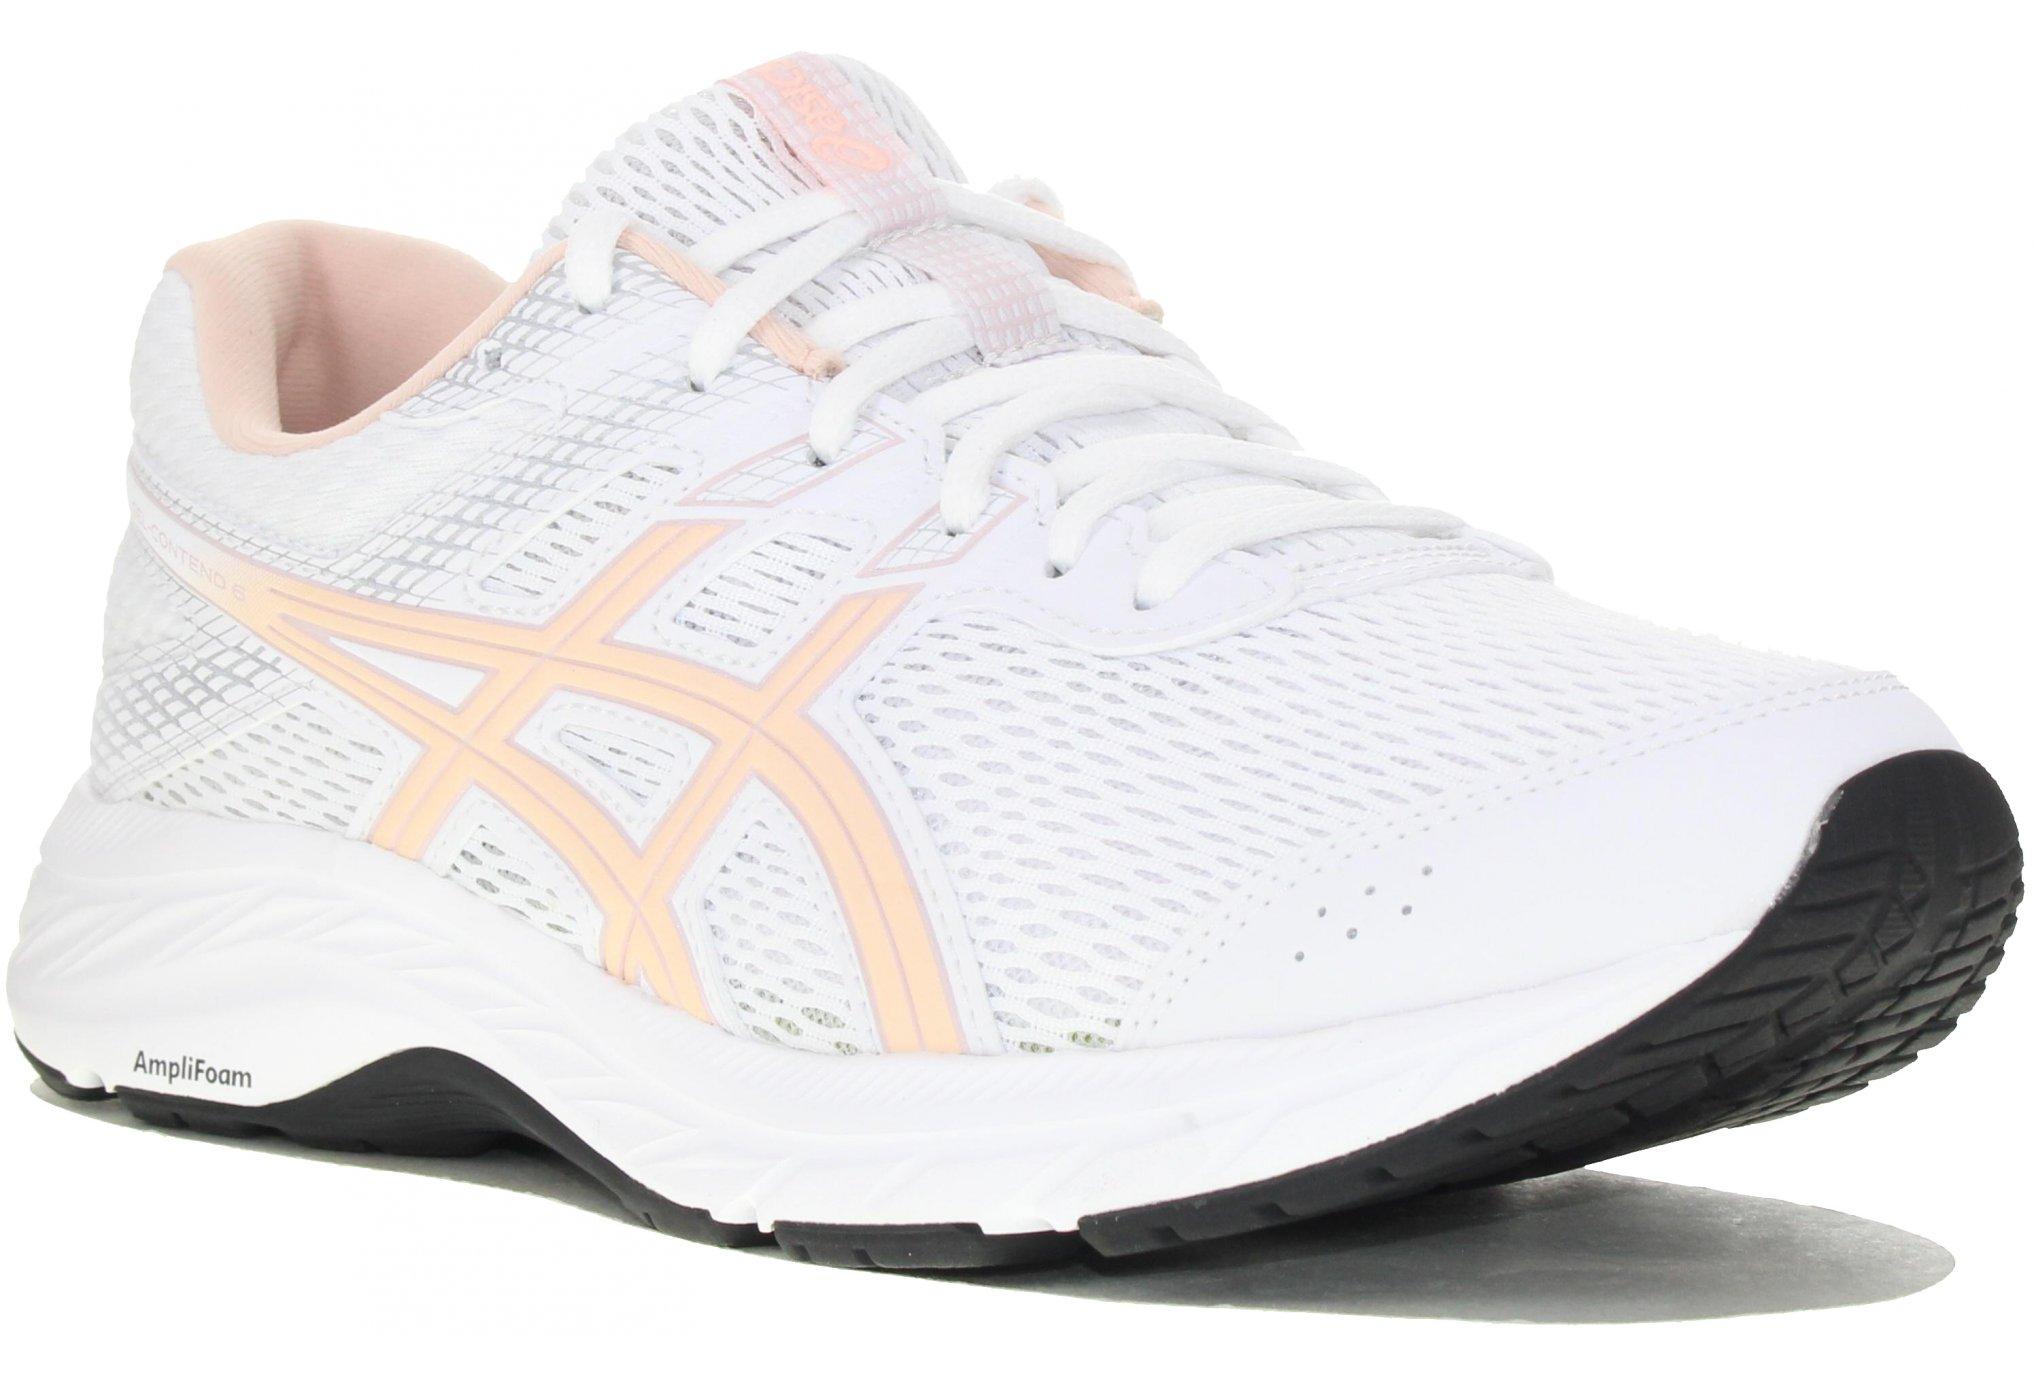 Asics Gel-Contend 6 Chaussures running femme